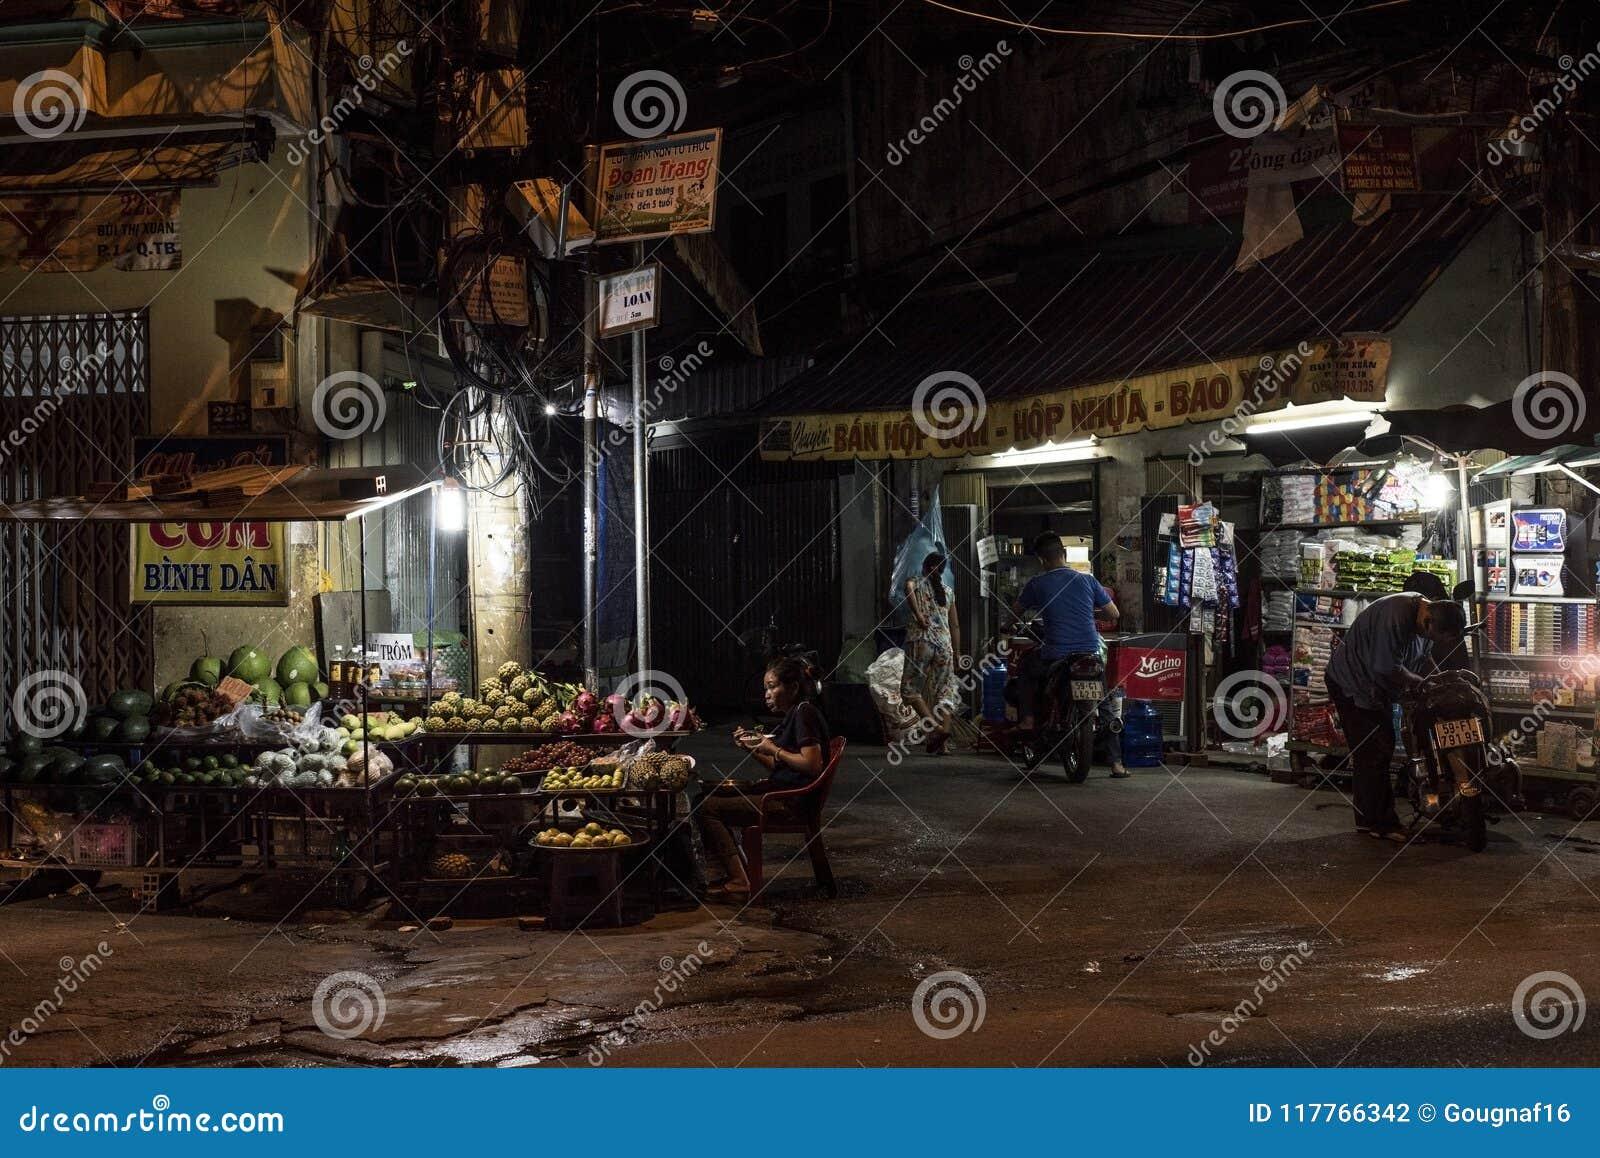 Οι άνθρωποι συνεχίζονται με τις ζωές τους στη πόλη Χο Τσι Μινχ, Βιετνάμ, τη νύχτα